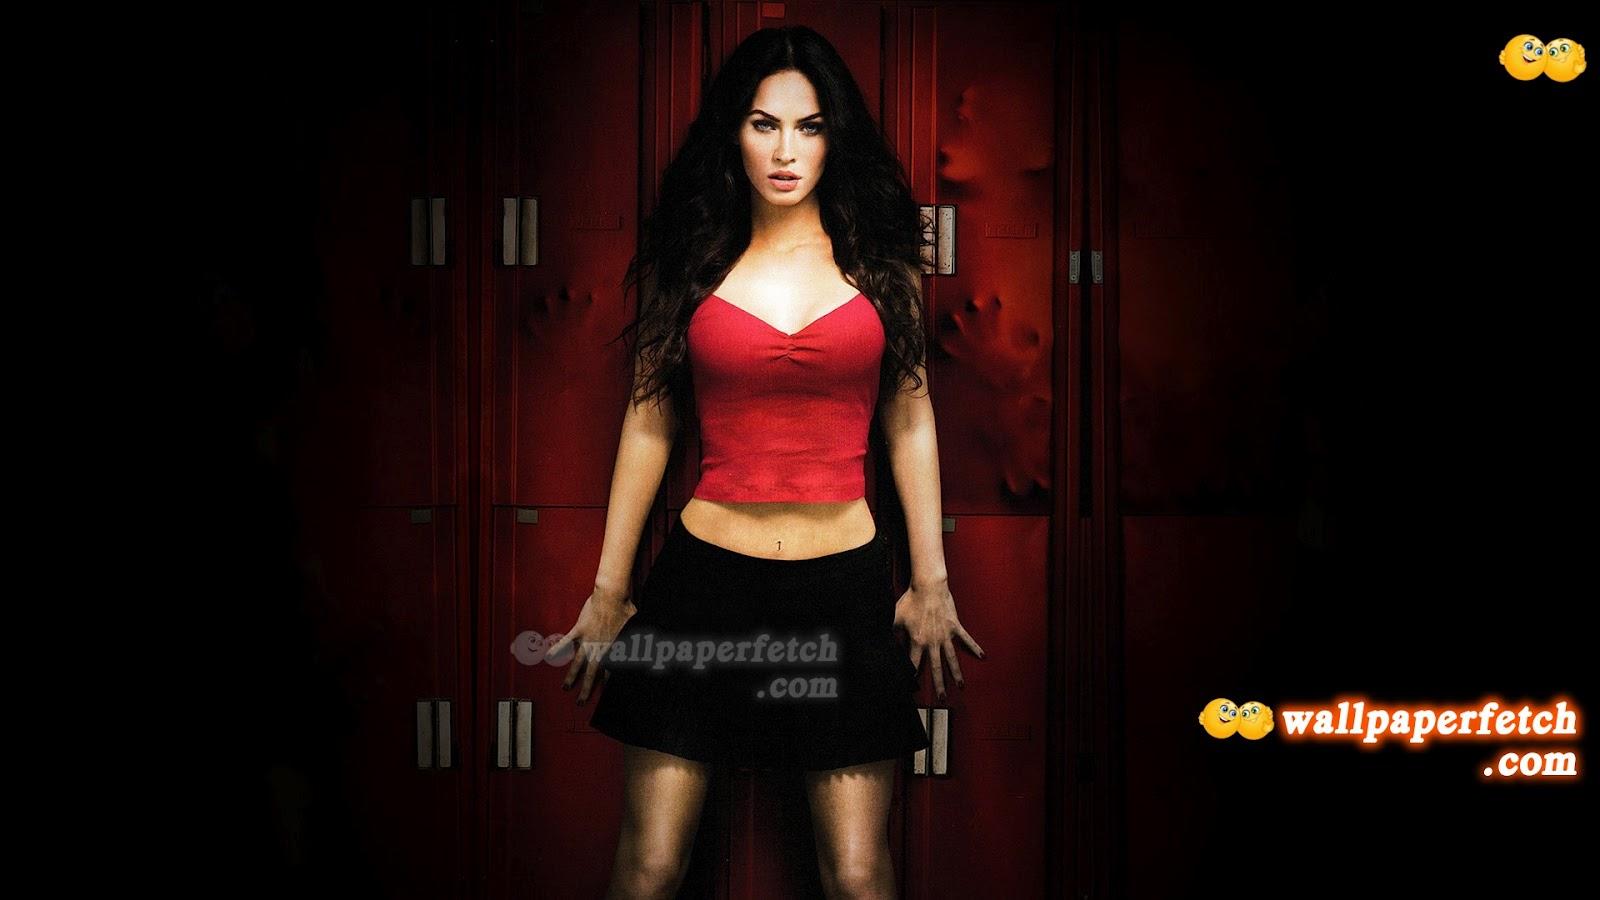 http://1.bp.blogspot.com/-INAebamdoFw/T8zUJkm8B1I/AAAAAAAAPnM/a0o_B5vLRYA/s1600/vampire_megan_fox-1920x1080.jpg